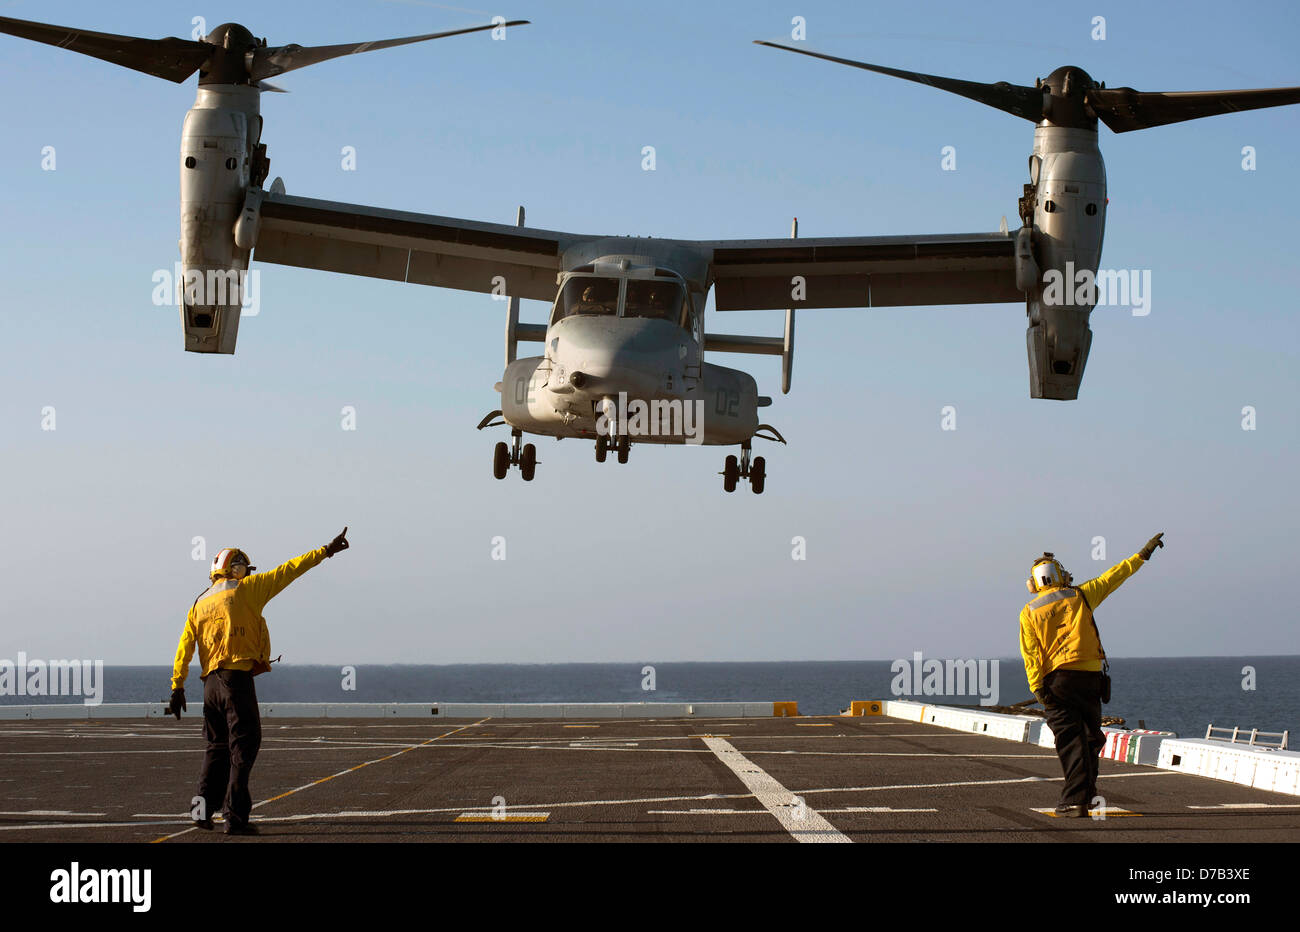 L'Aviation de l'US Navy s'accouple Manœuvriers dirige le lancement d'un MV-22 Osprey rotor basculant Photo Stock